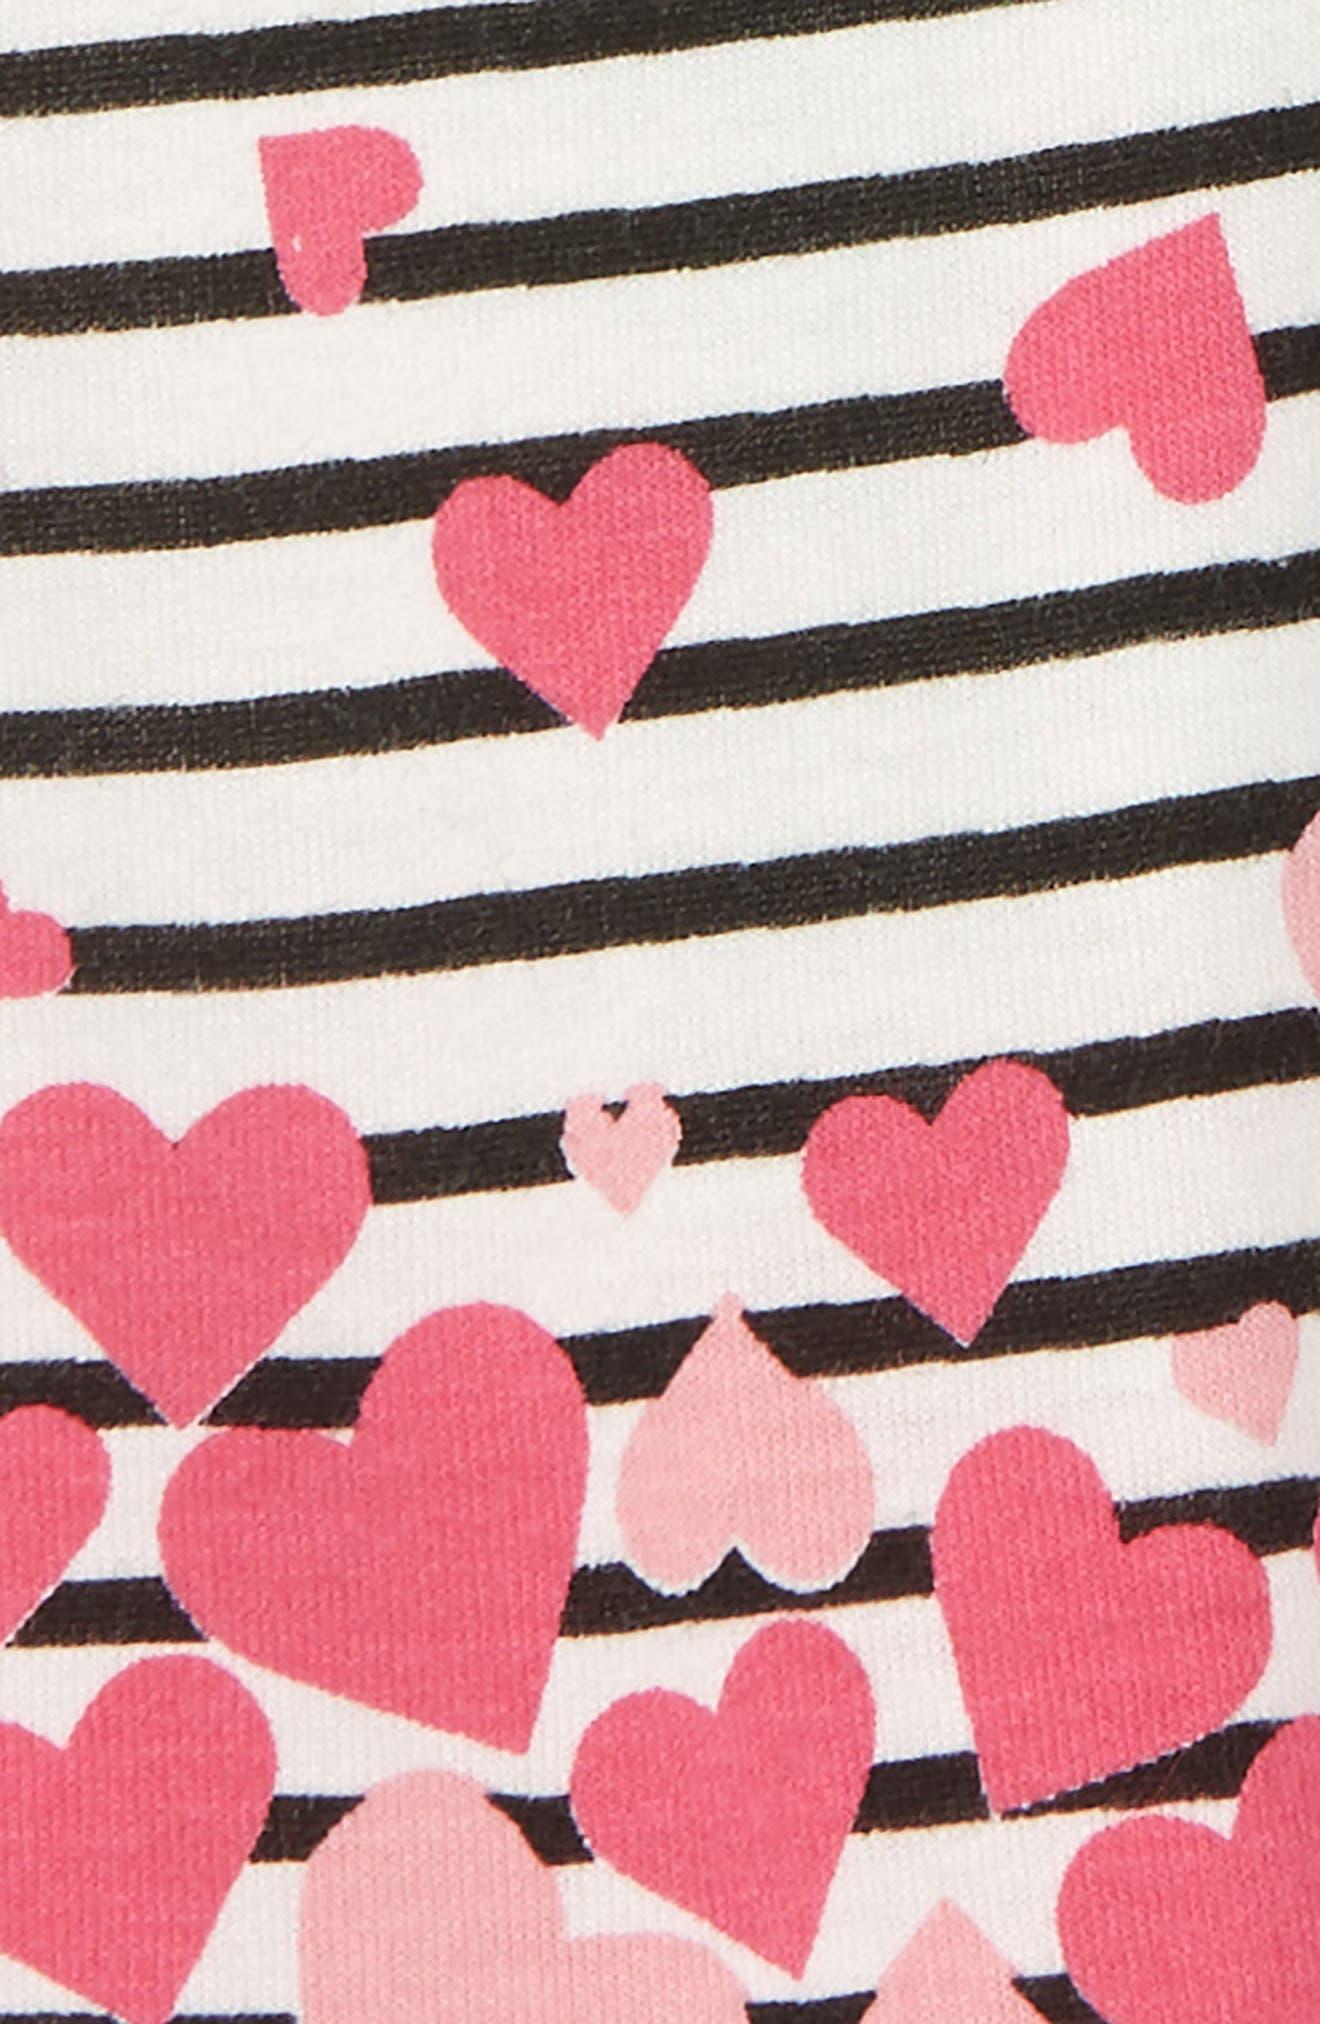 Heart Stripe Leggings,                             Alternate thumbnail 2, color,                             IVORY EGRET- BLACK STRIPE